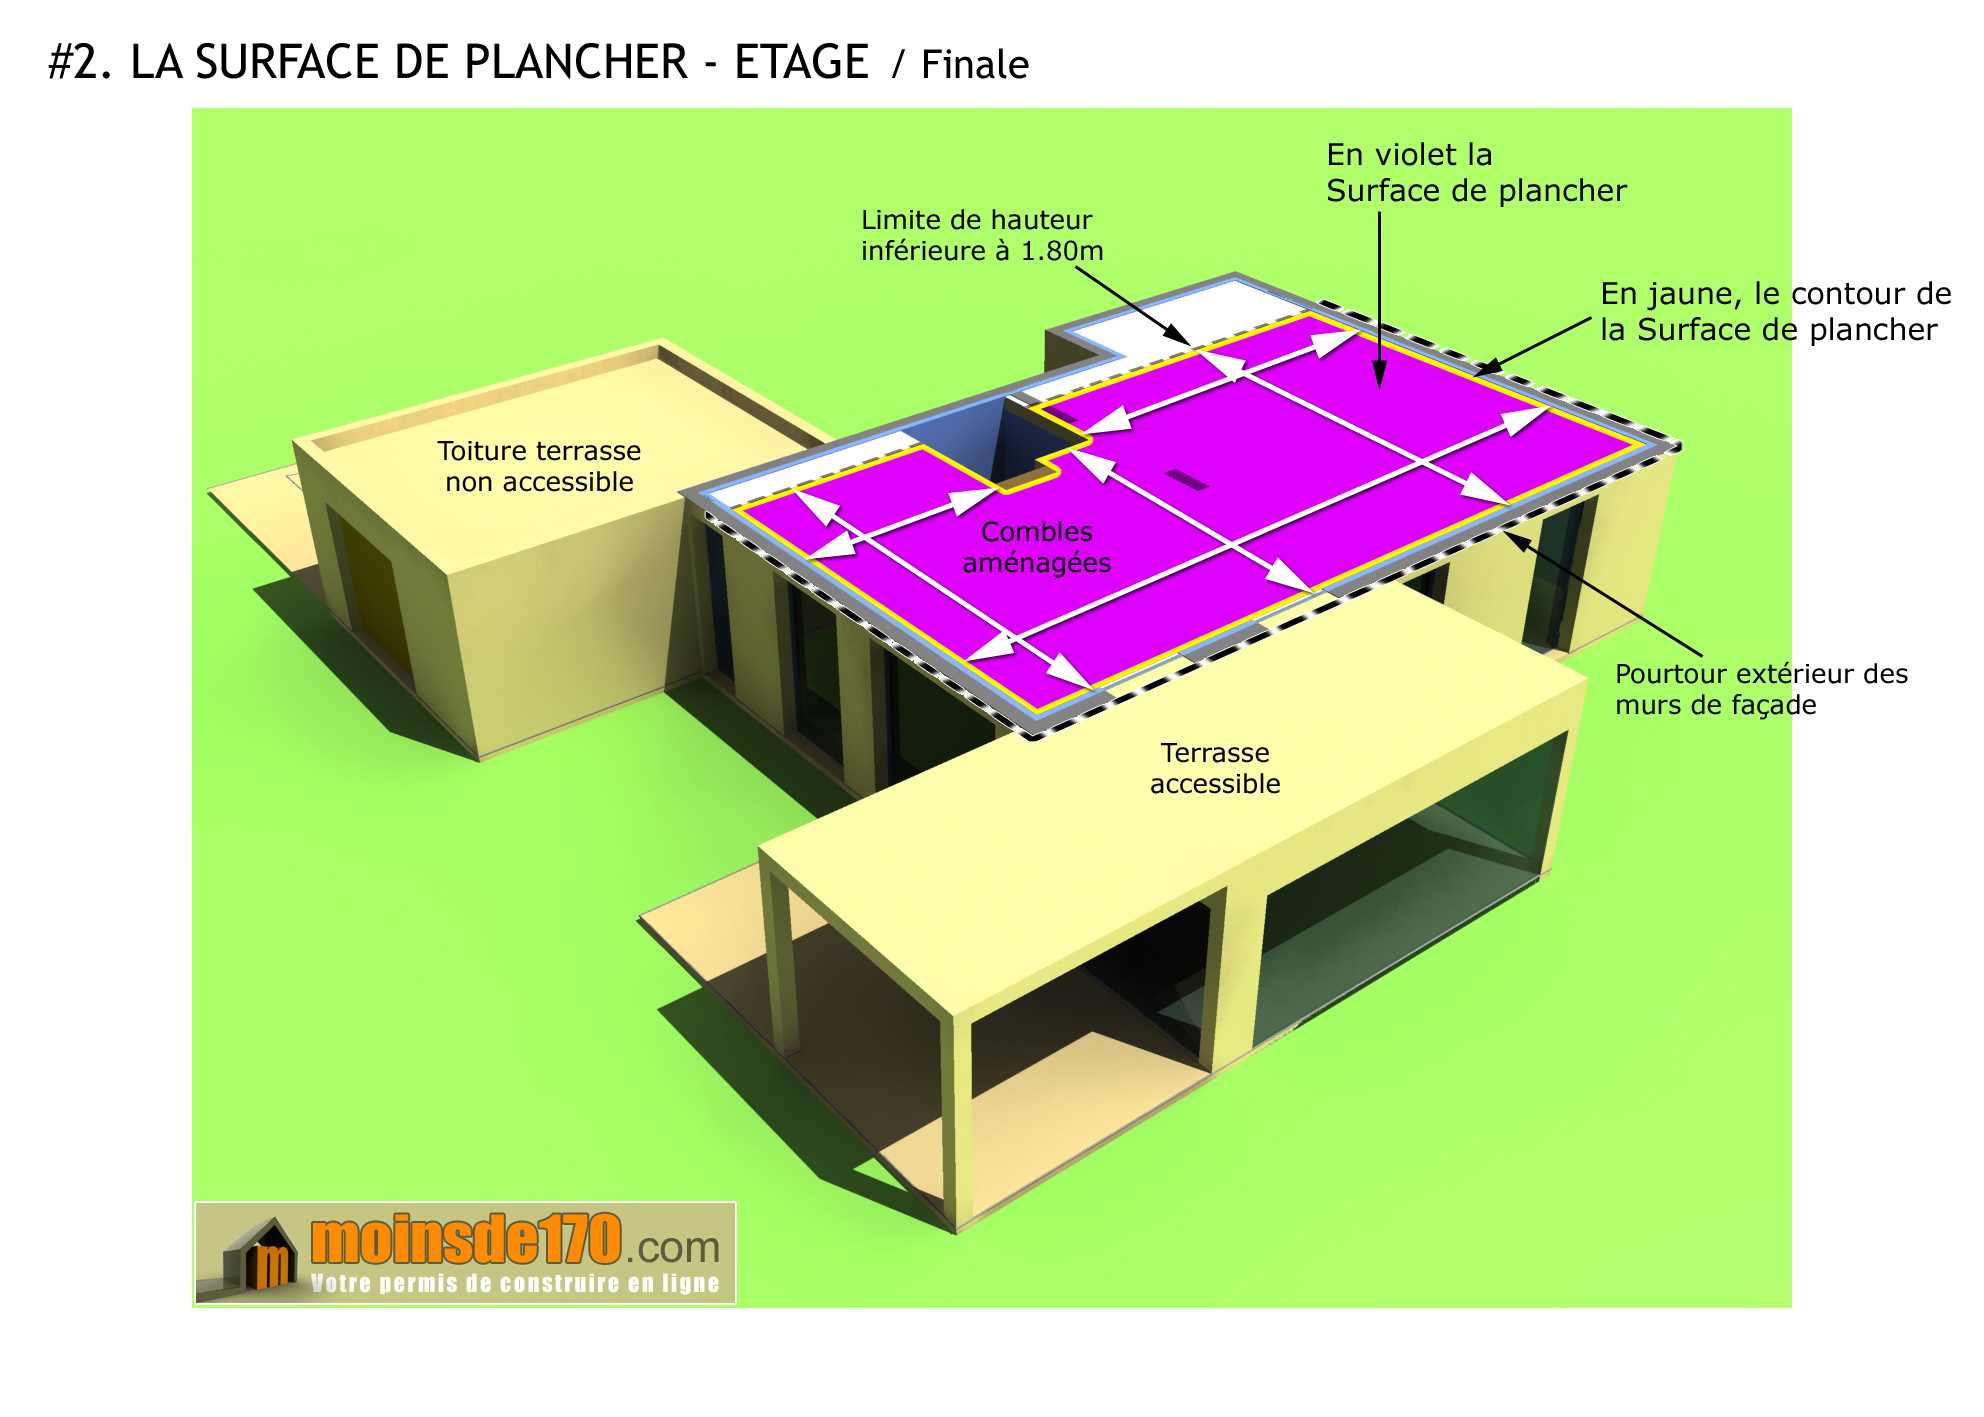 Mesurer la surface de plancher dun étage dune maison individuelle